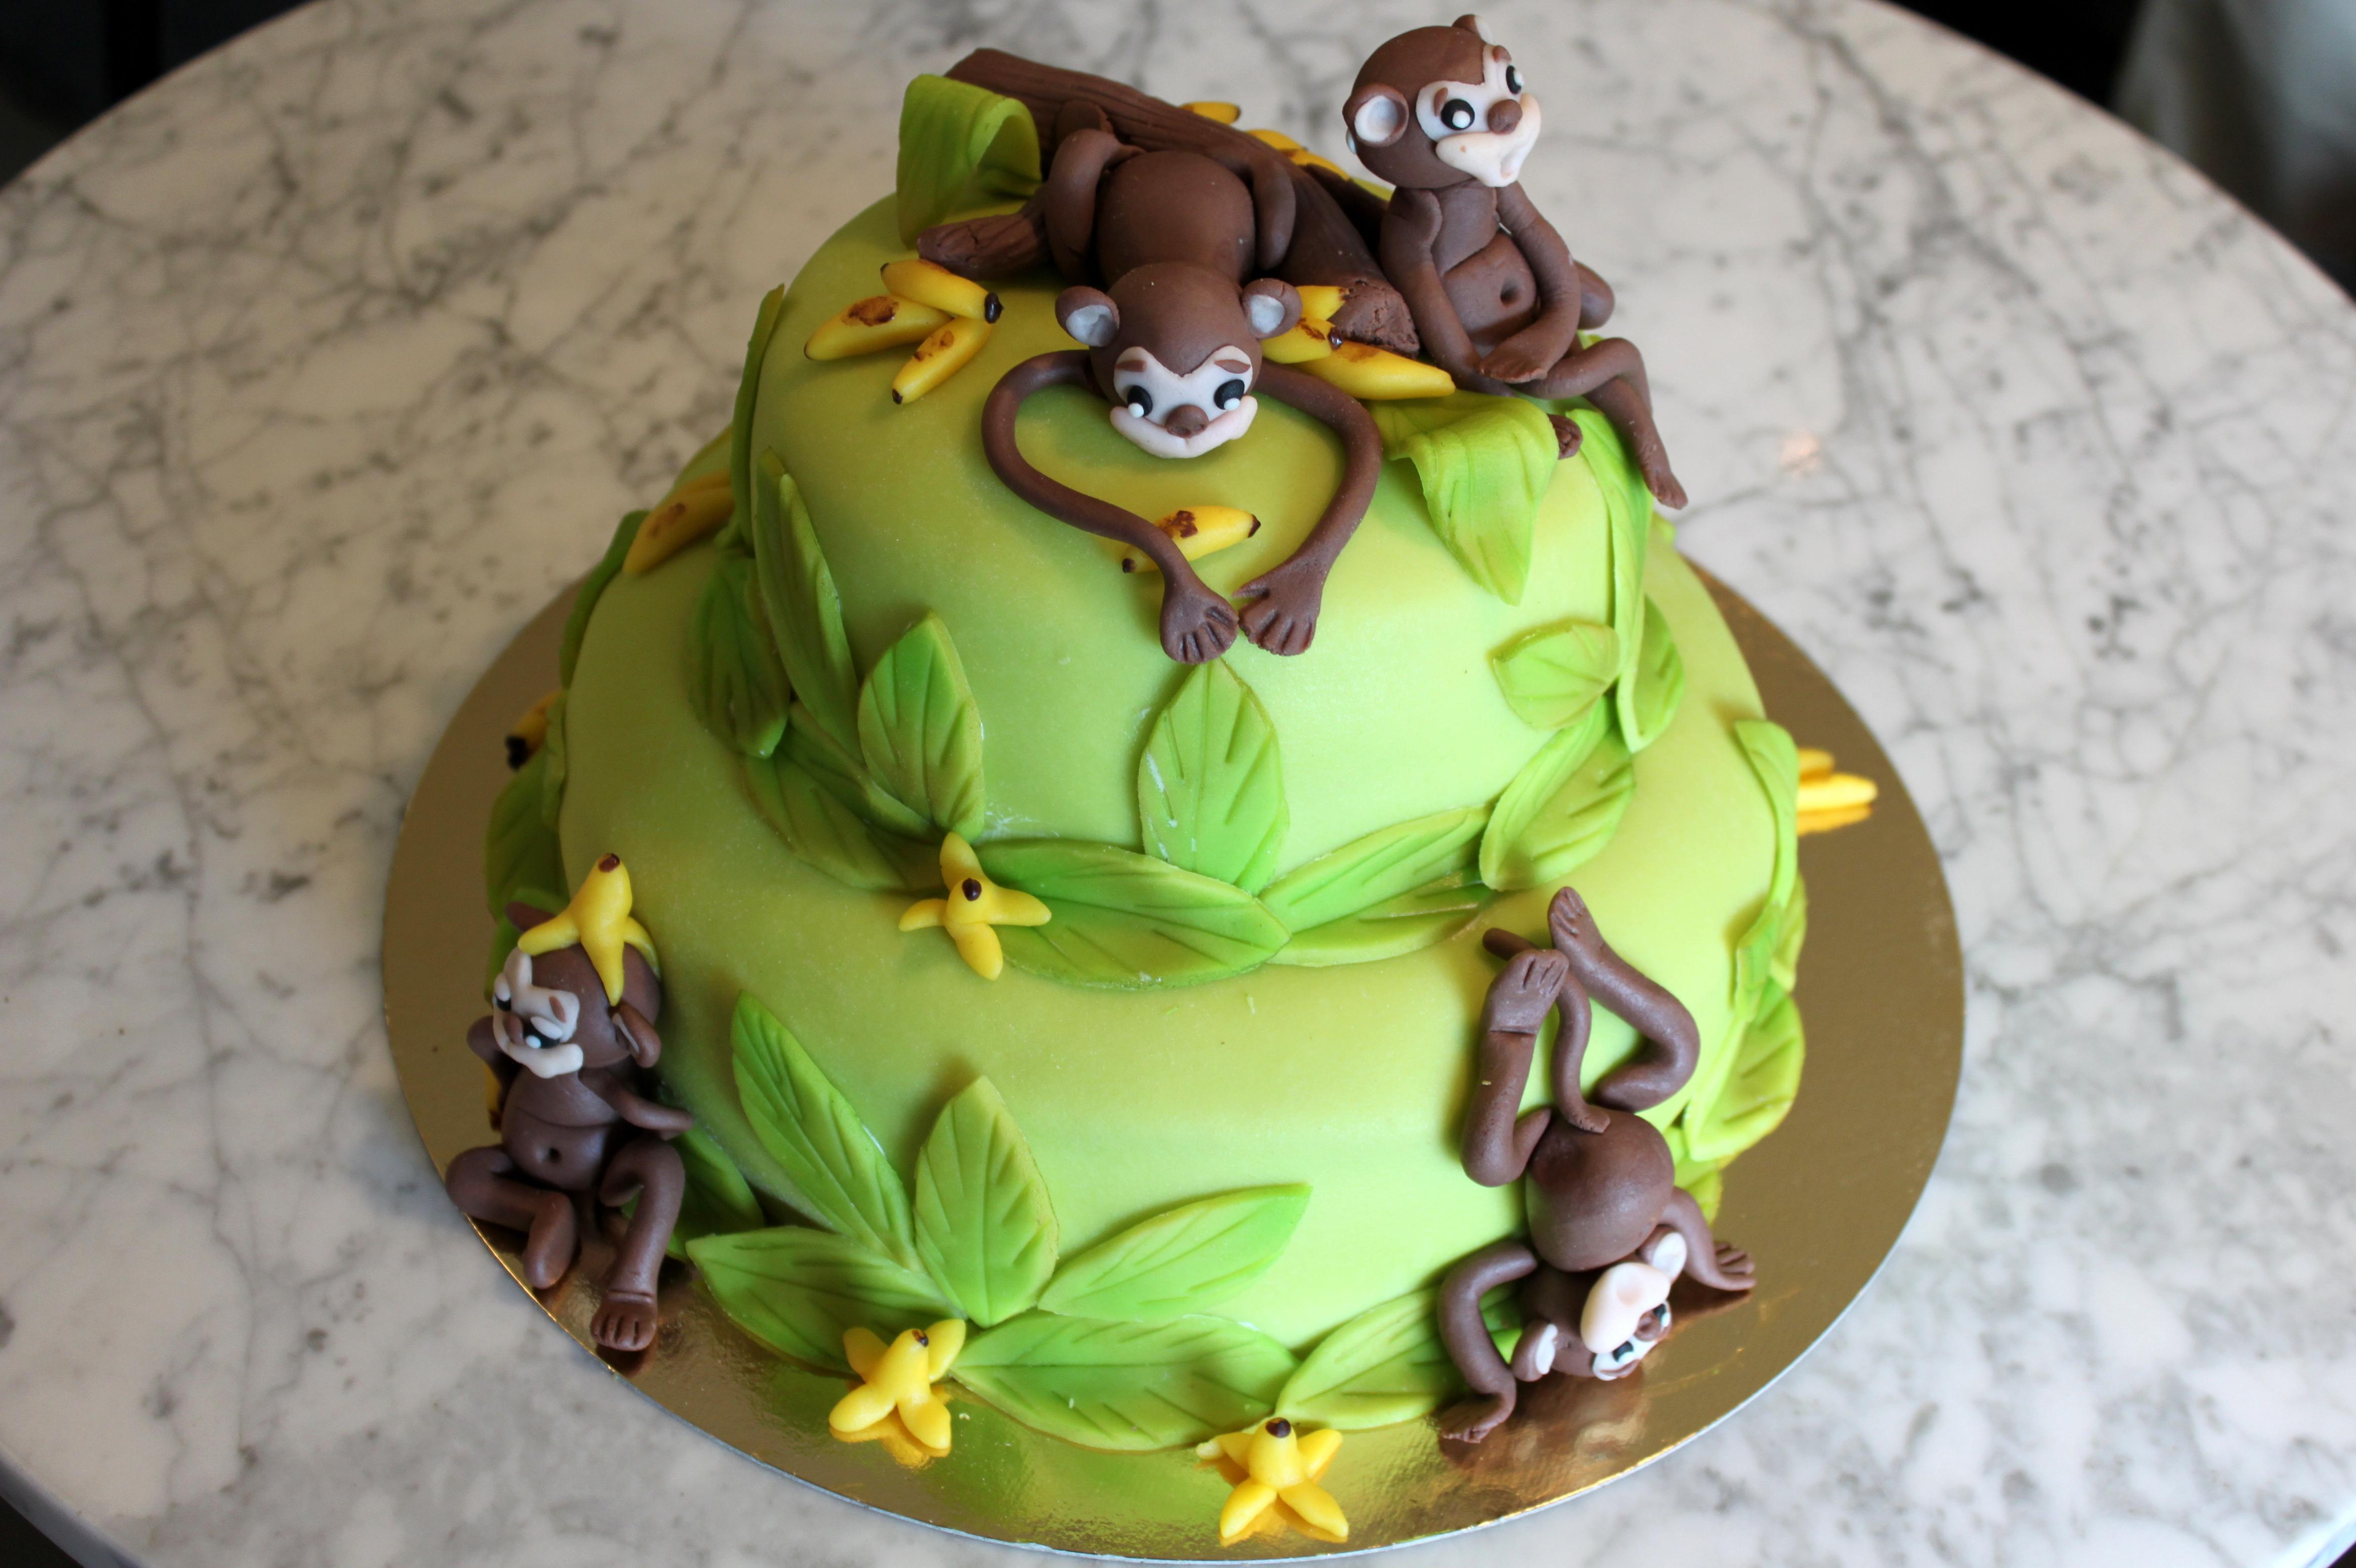 Apor tvåvåningstårta